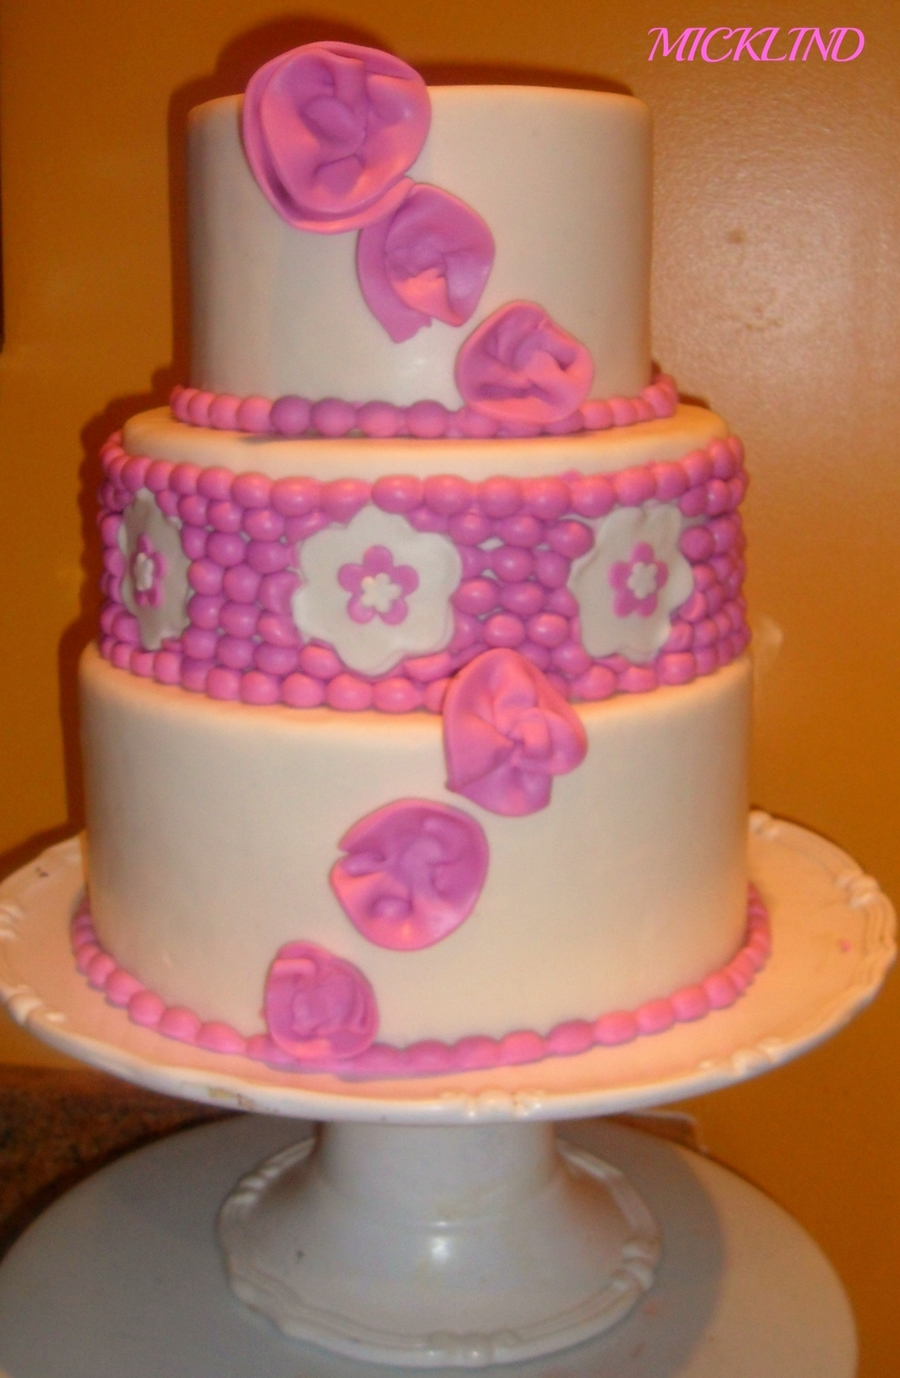 A Three Tier Wedding Cake - CakeCentral.com